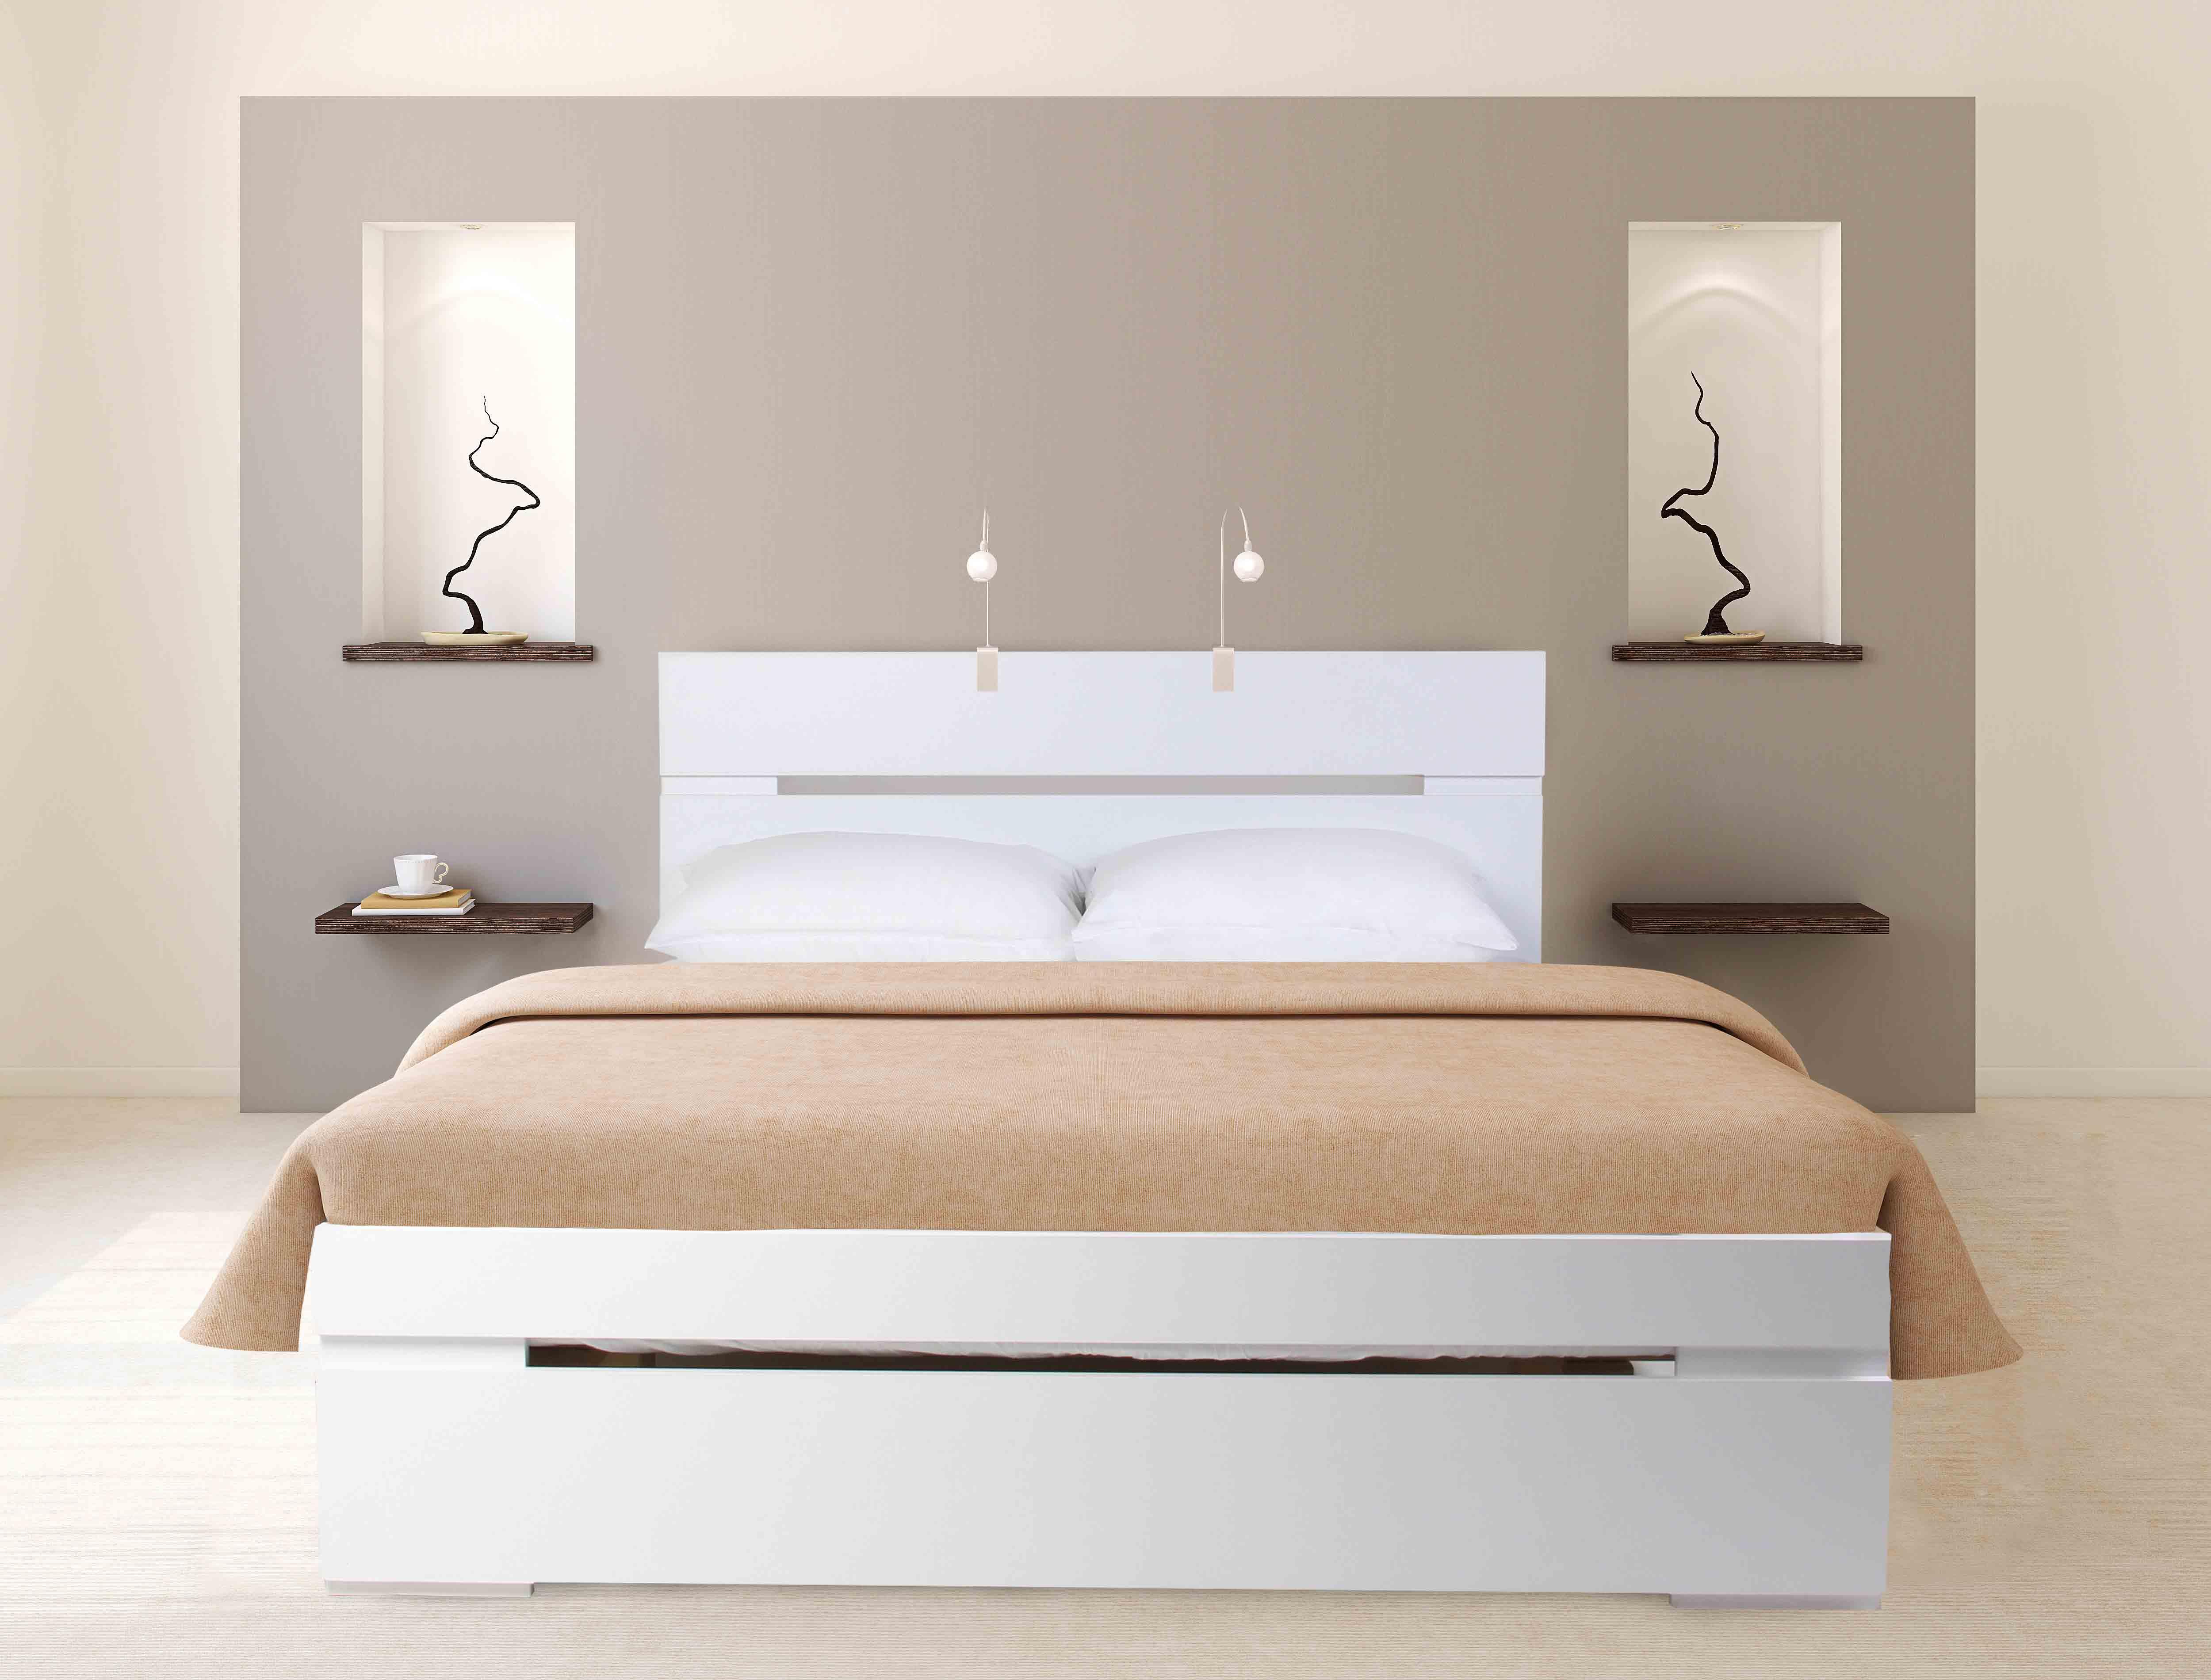 מיטה מעוצבת עשויה עץ במגוון צבעים לבחירה + מזרן קפיצים מתנה Olympia - משלוח חינם - תמונה 2